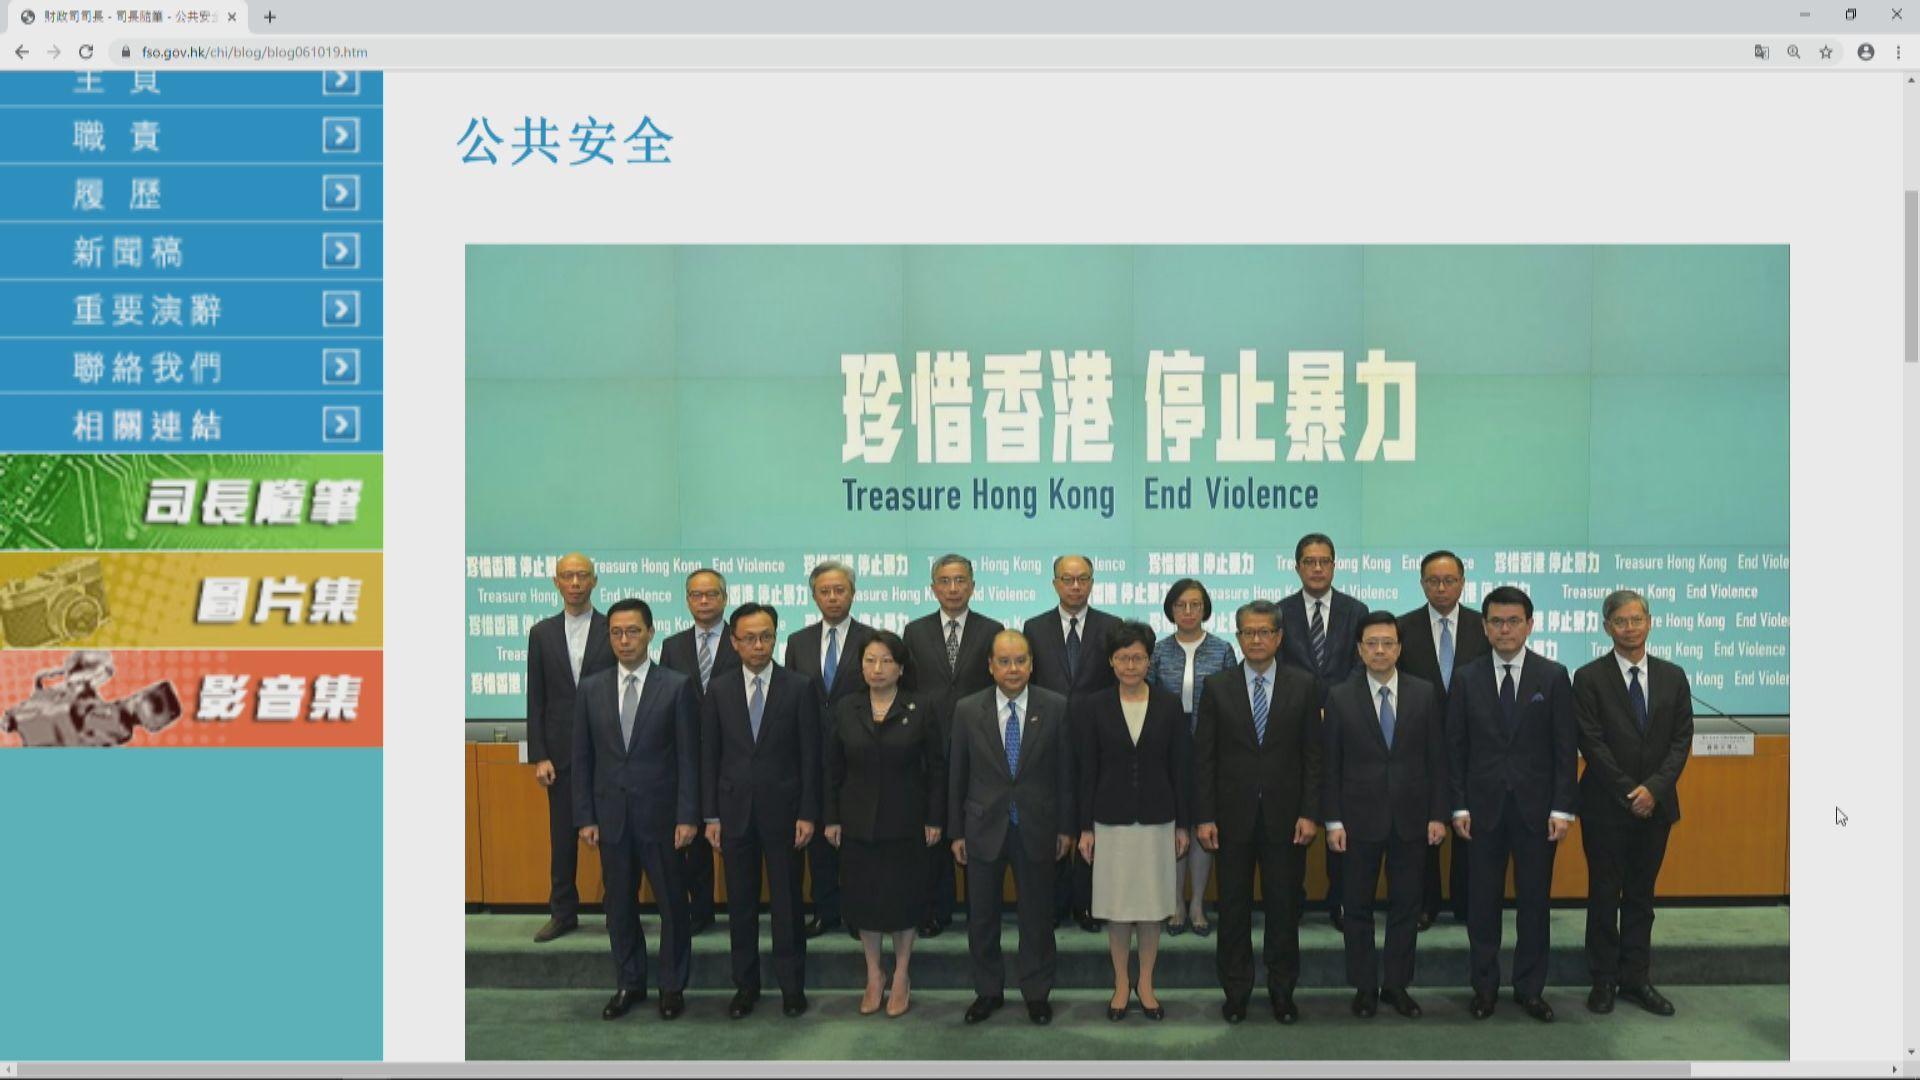 陳茂波︰港不實施外匯管制受基本法保障